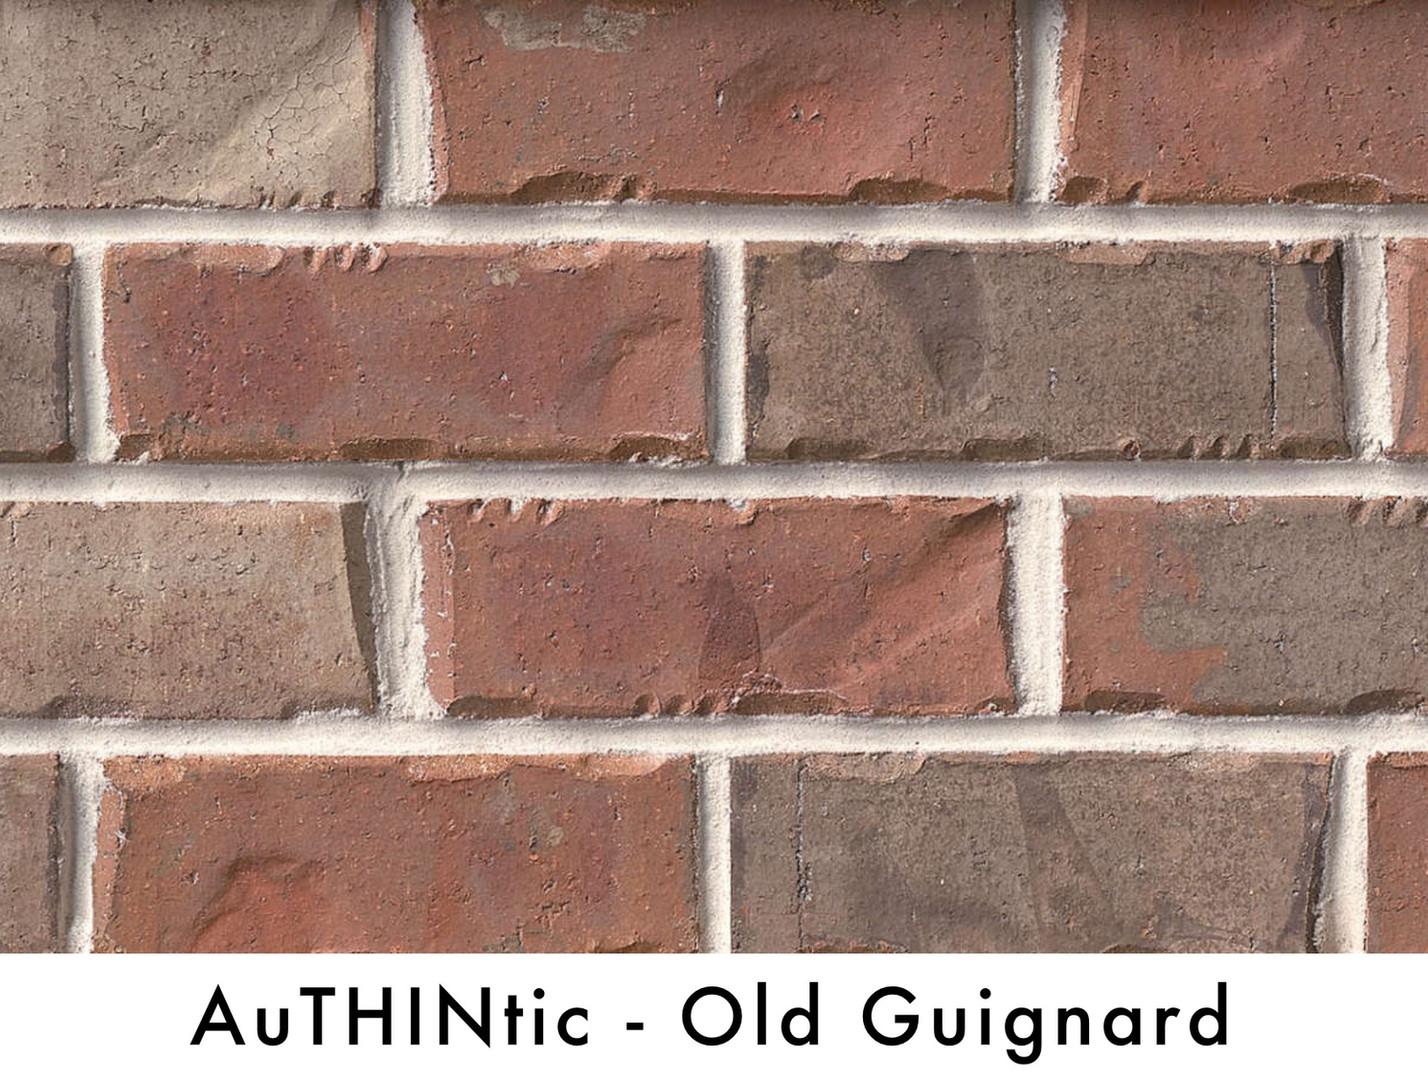 AuthinticOldGuignard.jpg